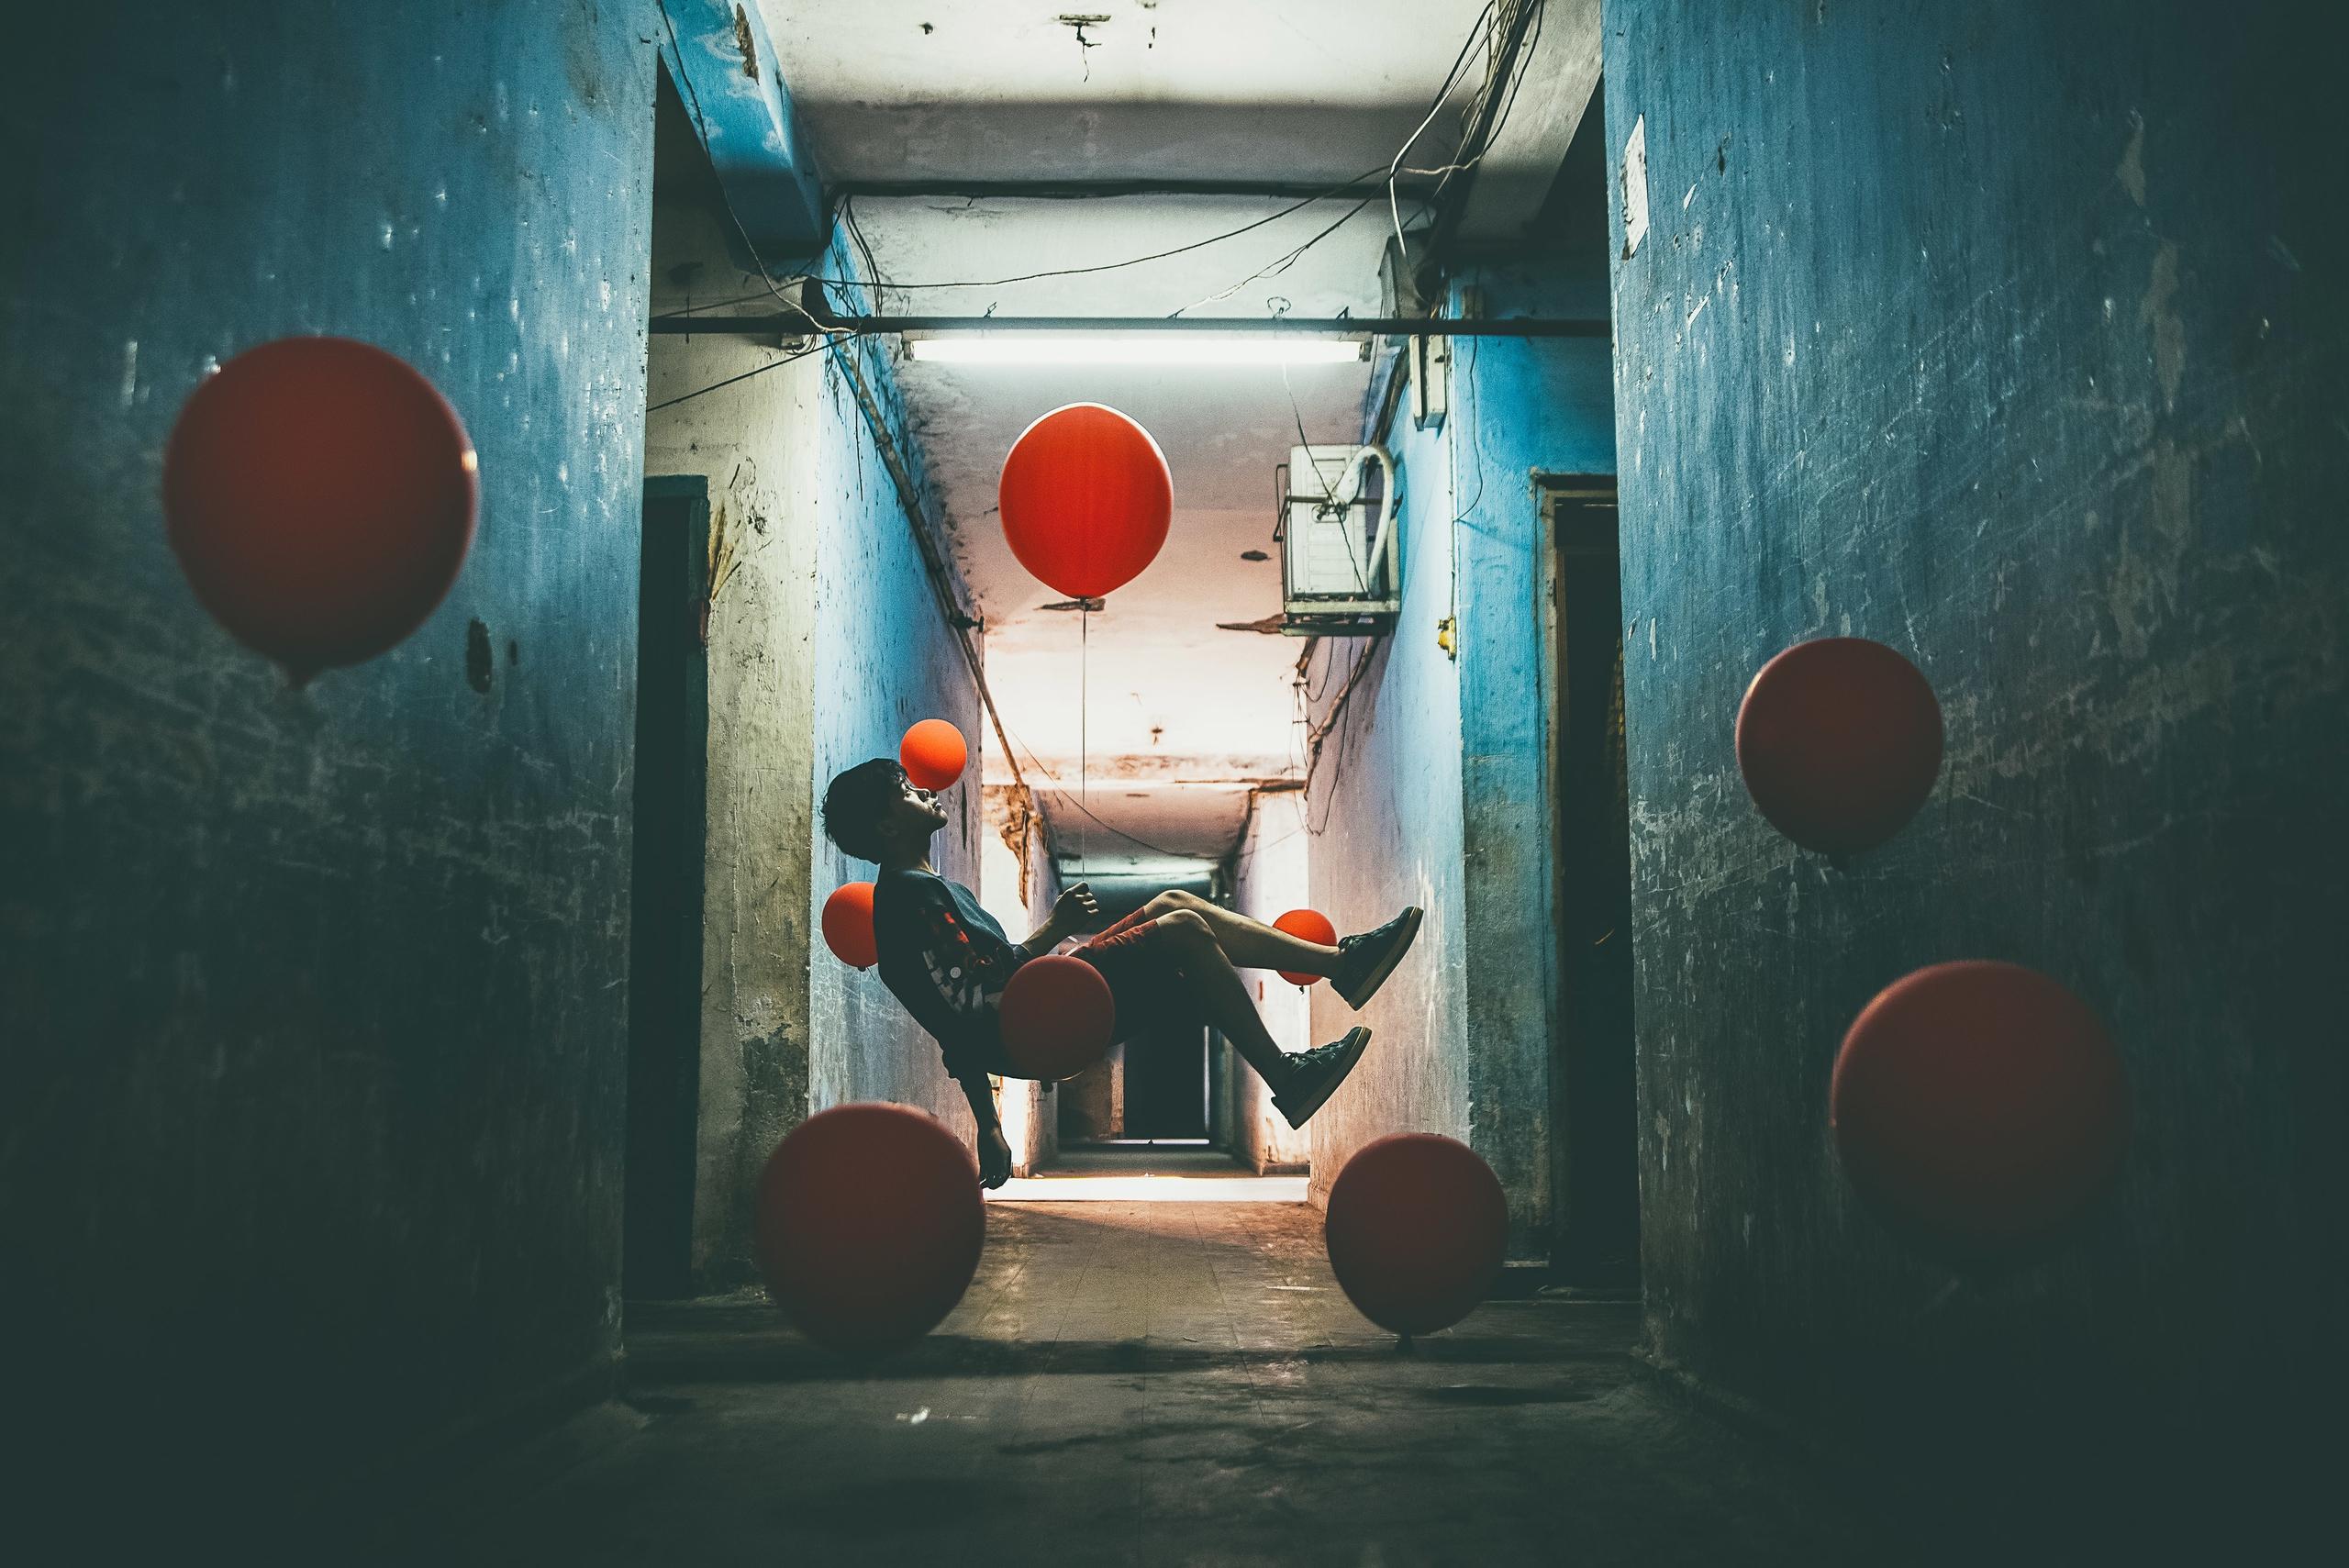 Hope - photography, levitation, conceptual - quoctrung102   ello